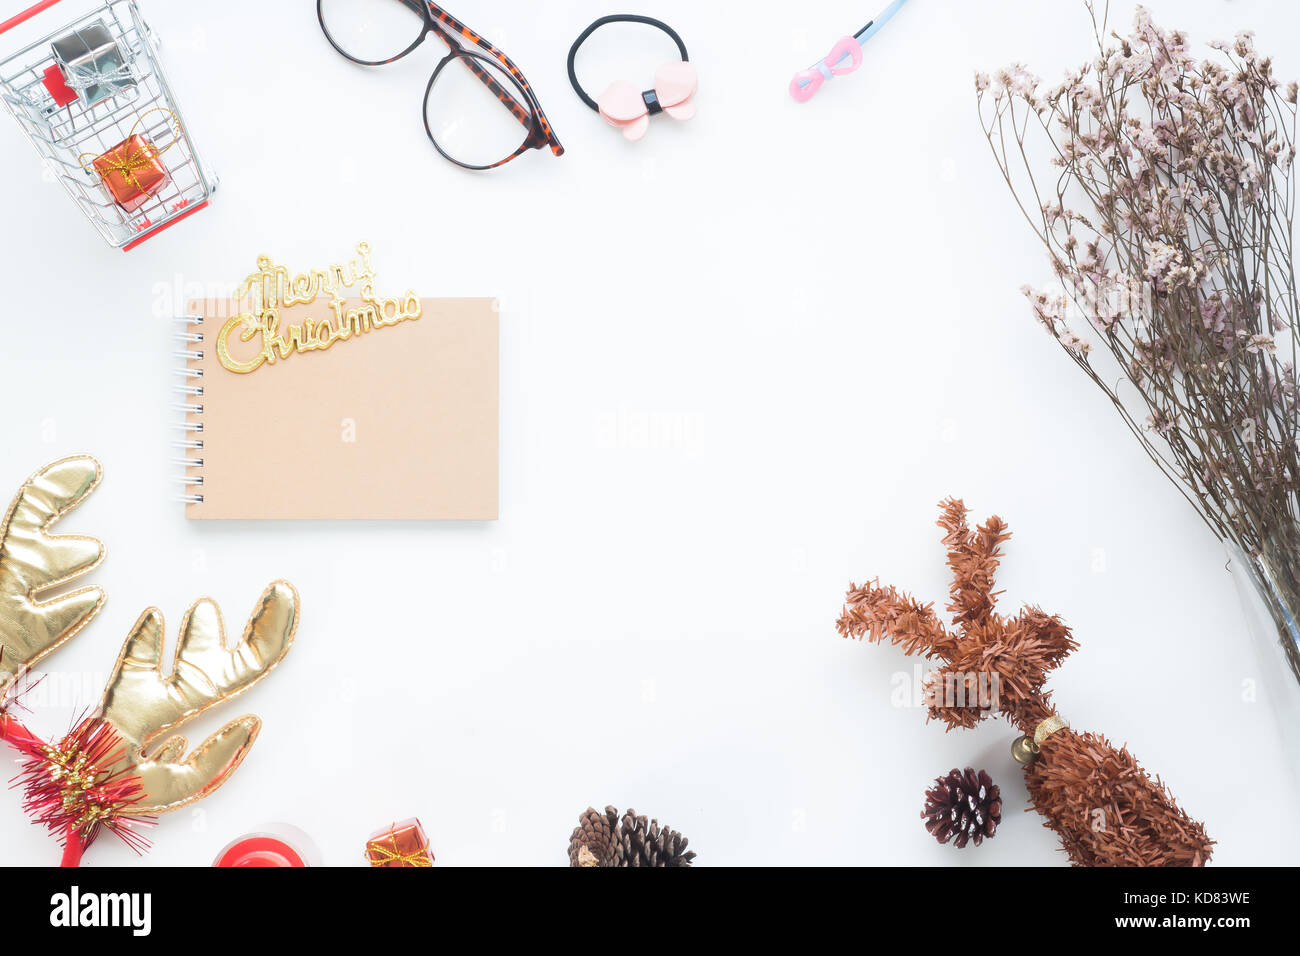 Kreative Flach von Christbaumschmuck und Notebook auf weißem Hintergrund mit Kopie Raum Stockbild